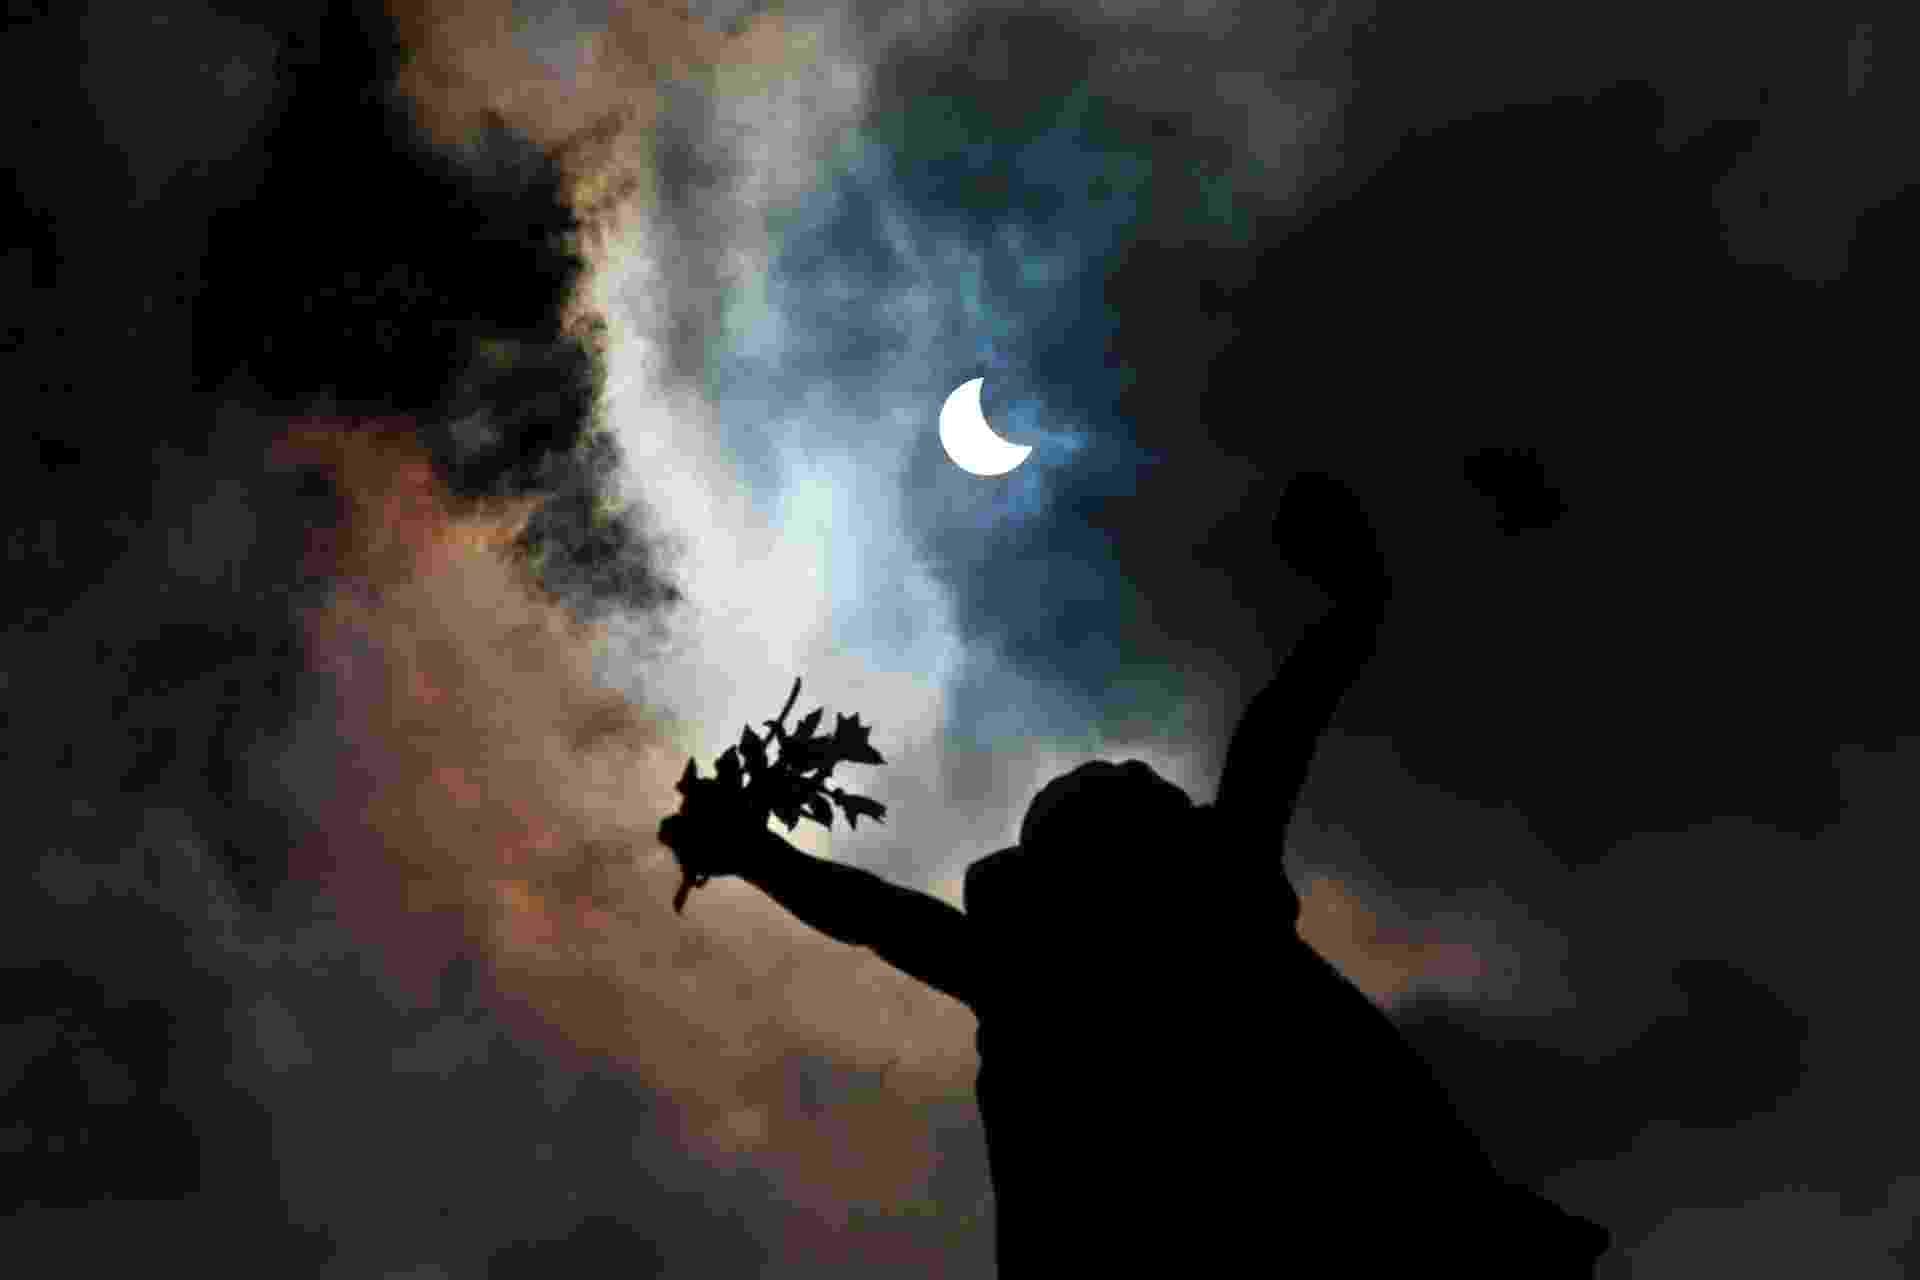 26.fev.2017 - Eclipse parcial do sol visto do Mosteiro de São Bento, no centro da cidade de São Paulo, na manhã deste domingo, 26 - Hélvio Romero/Estadão Conteúdo